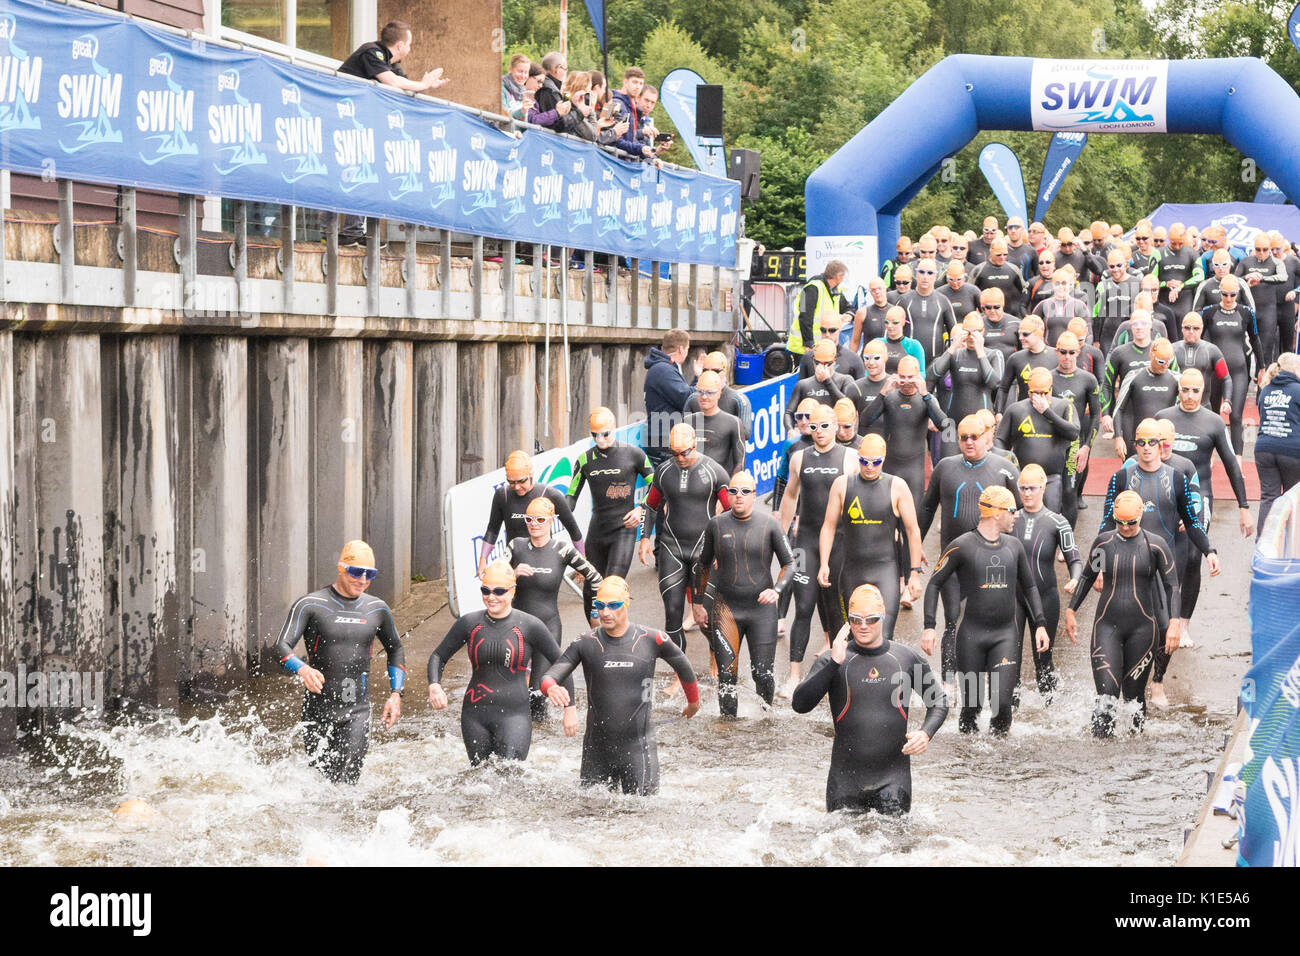 Die großen schottischen Schwimmen 2017, Loch Lomond, Schottland, UK Stockbild